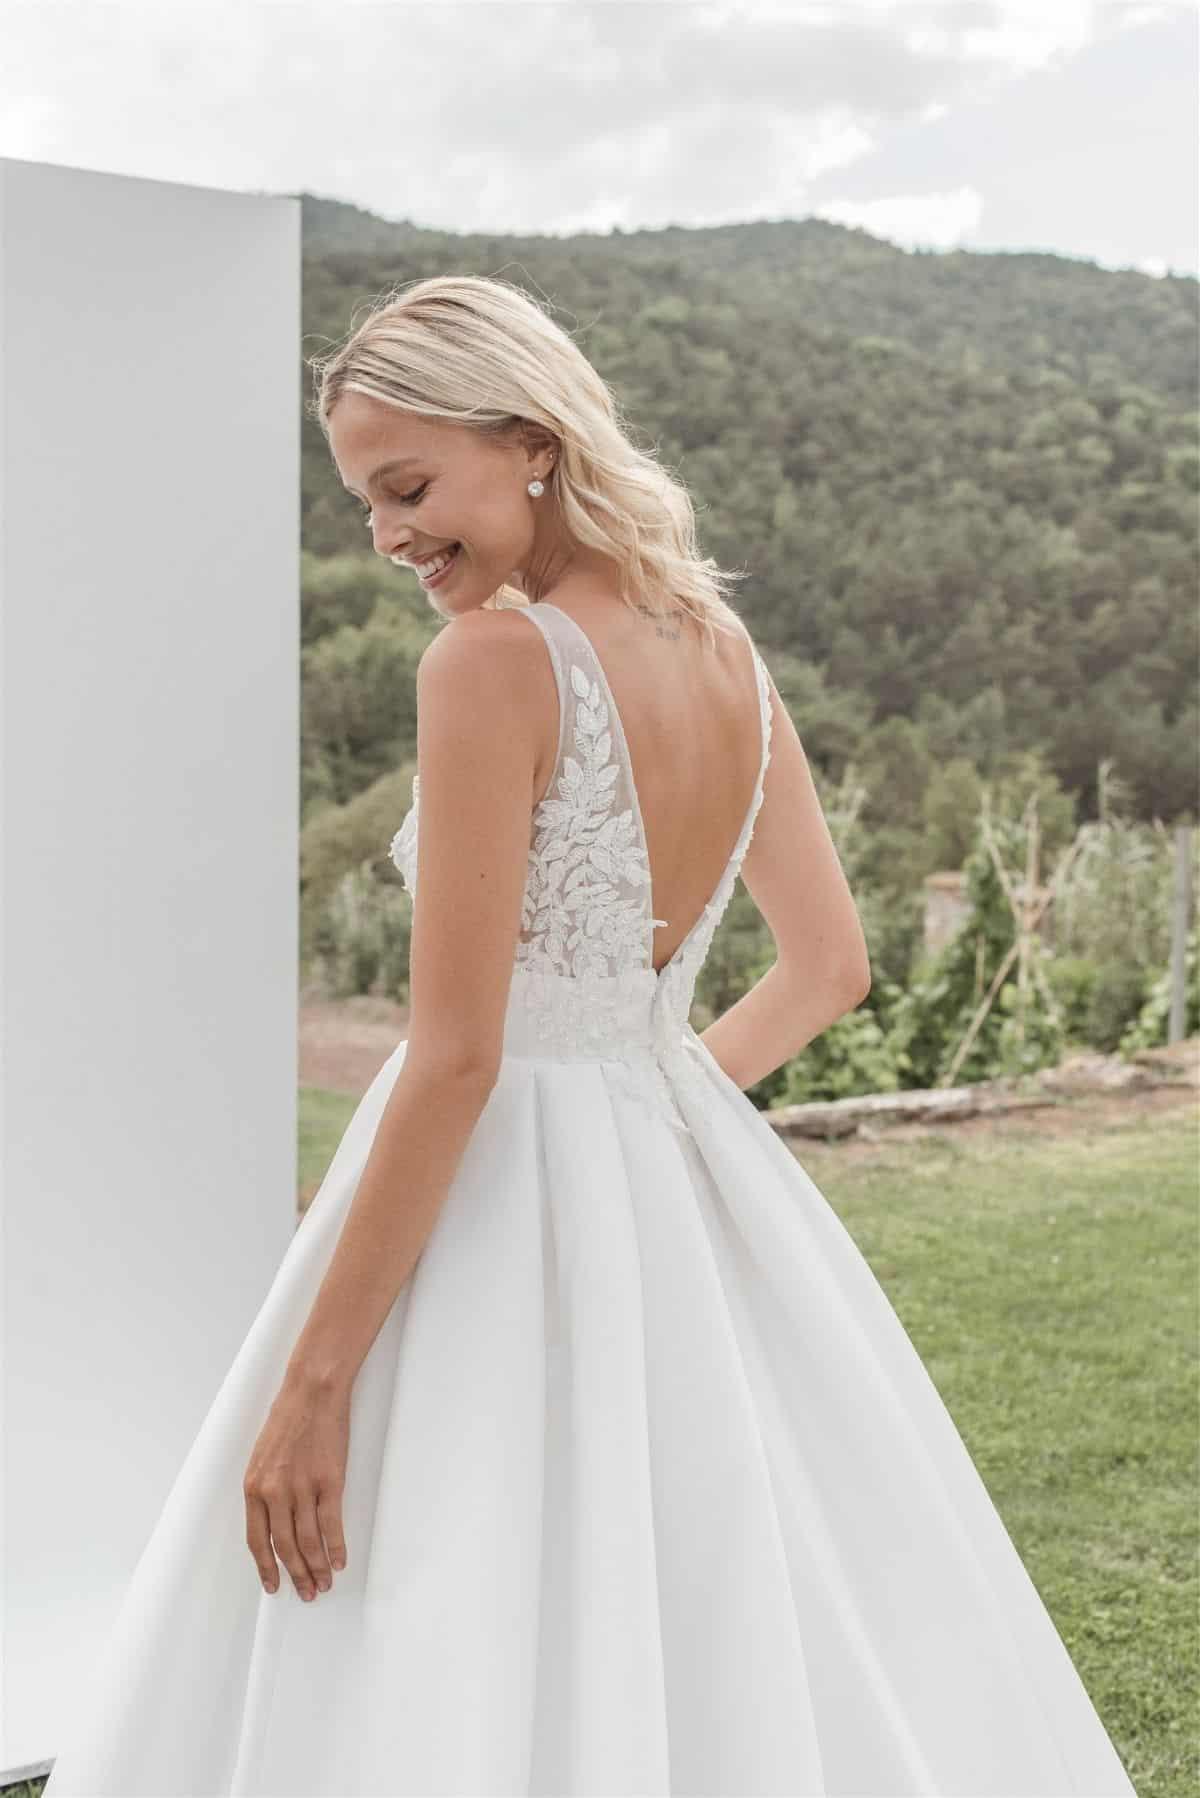 Vestido de novia con escote y espalda al aire con pedrería